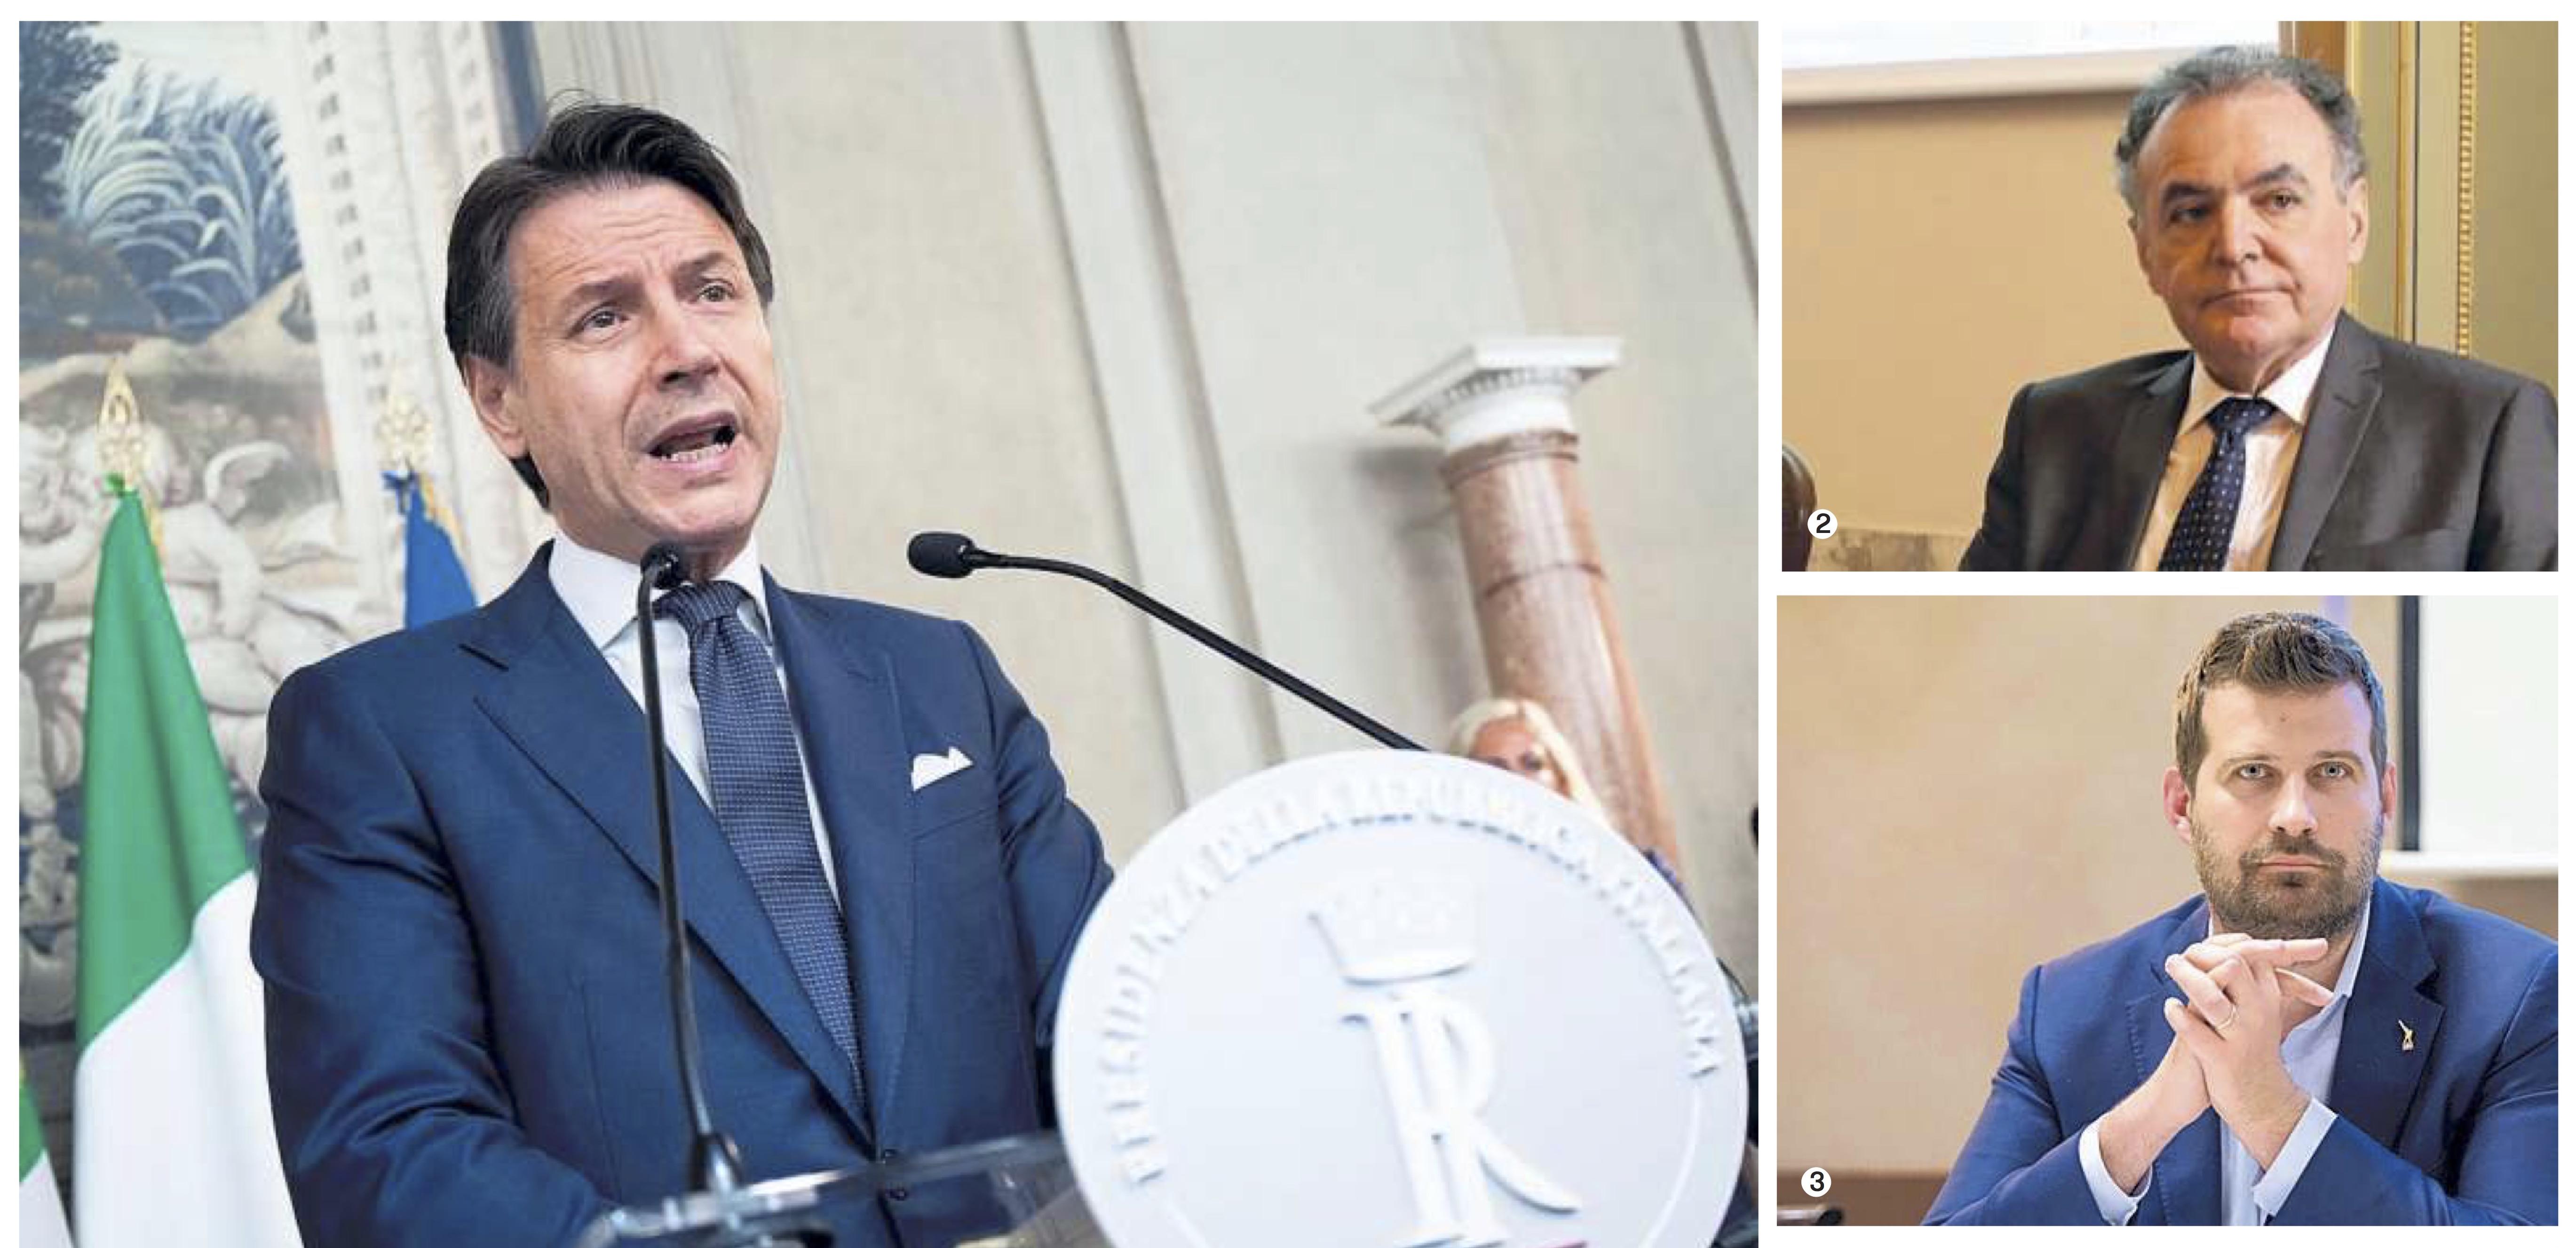 """Da """"mostro"""" a """"governo di necessità"""" Il Conte Bis visto dai politici vercellesi"""